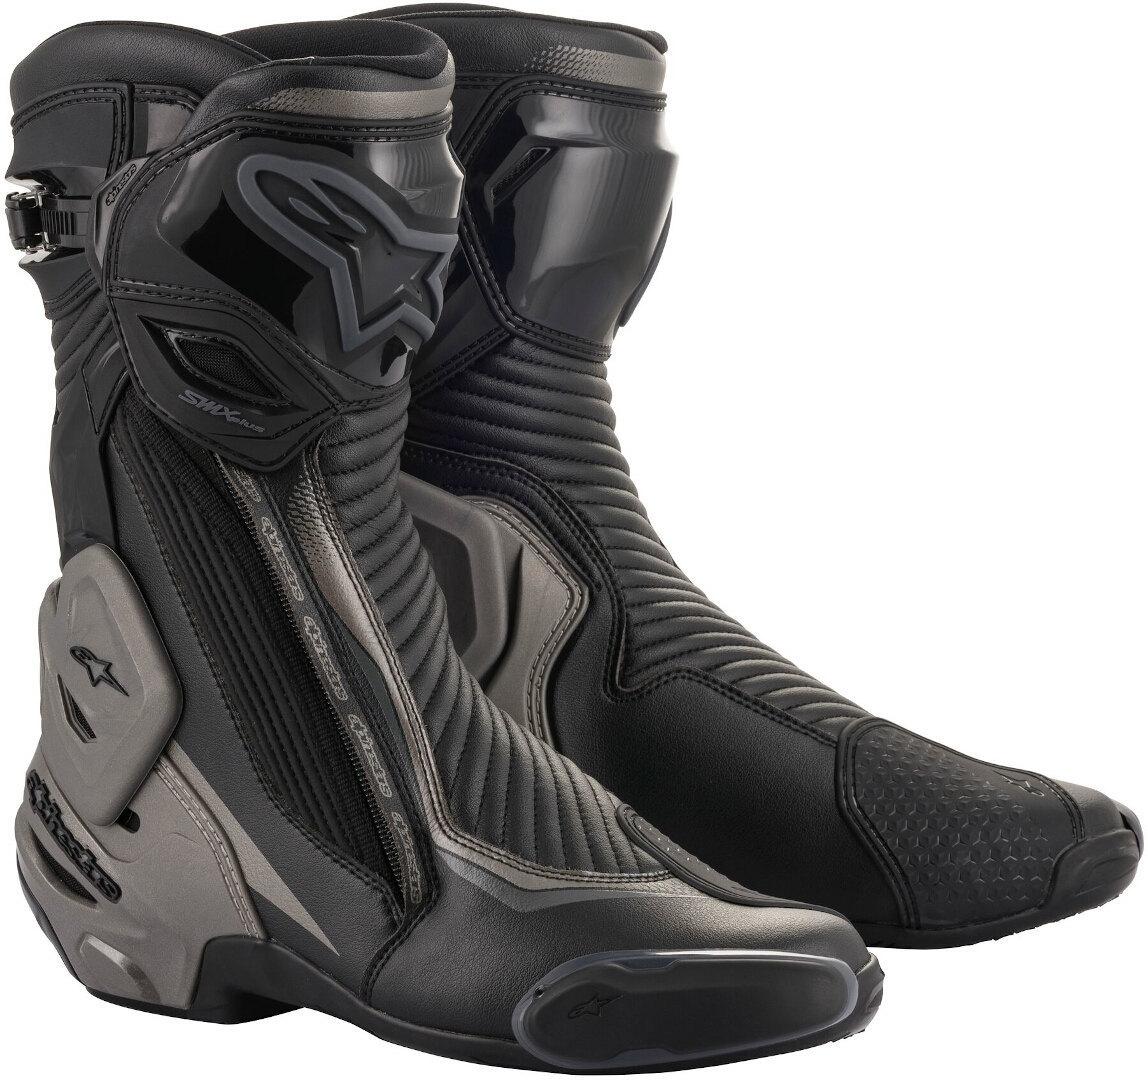 Alpinestars SMX Plus v2 Motorradstiefel, schwarz-grau, Größe 44, schwarz-grau, Größe 44